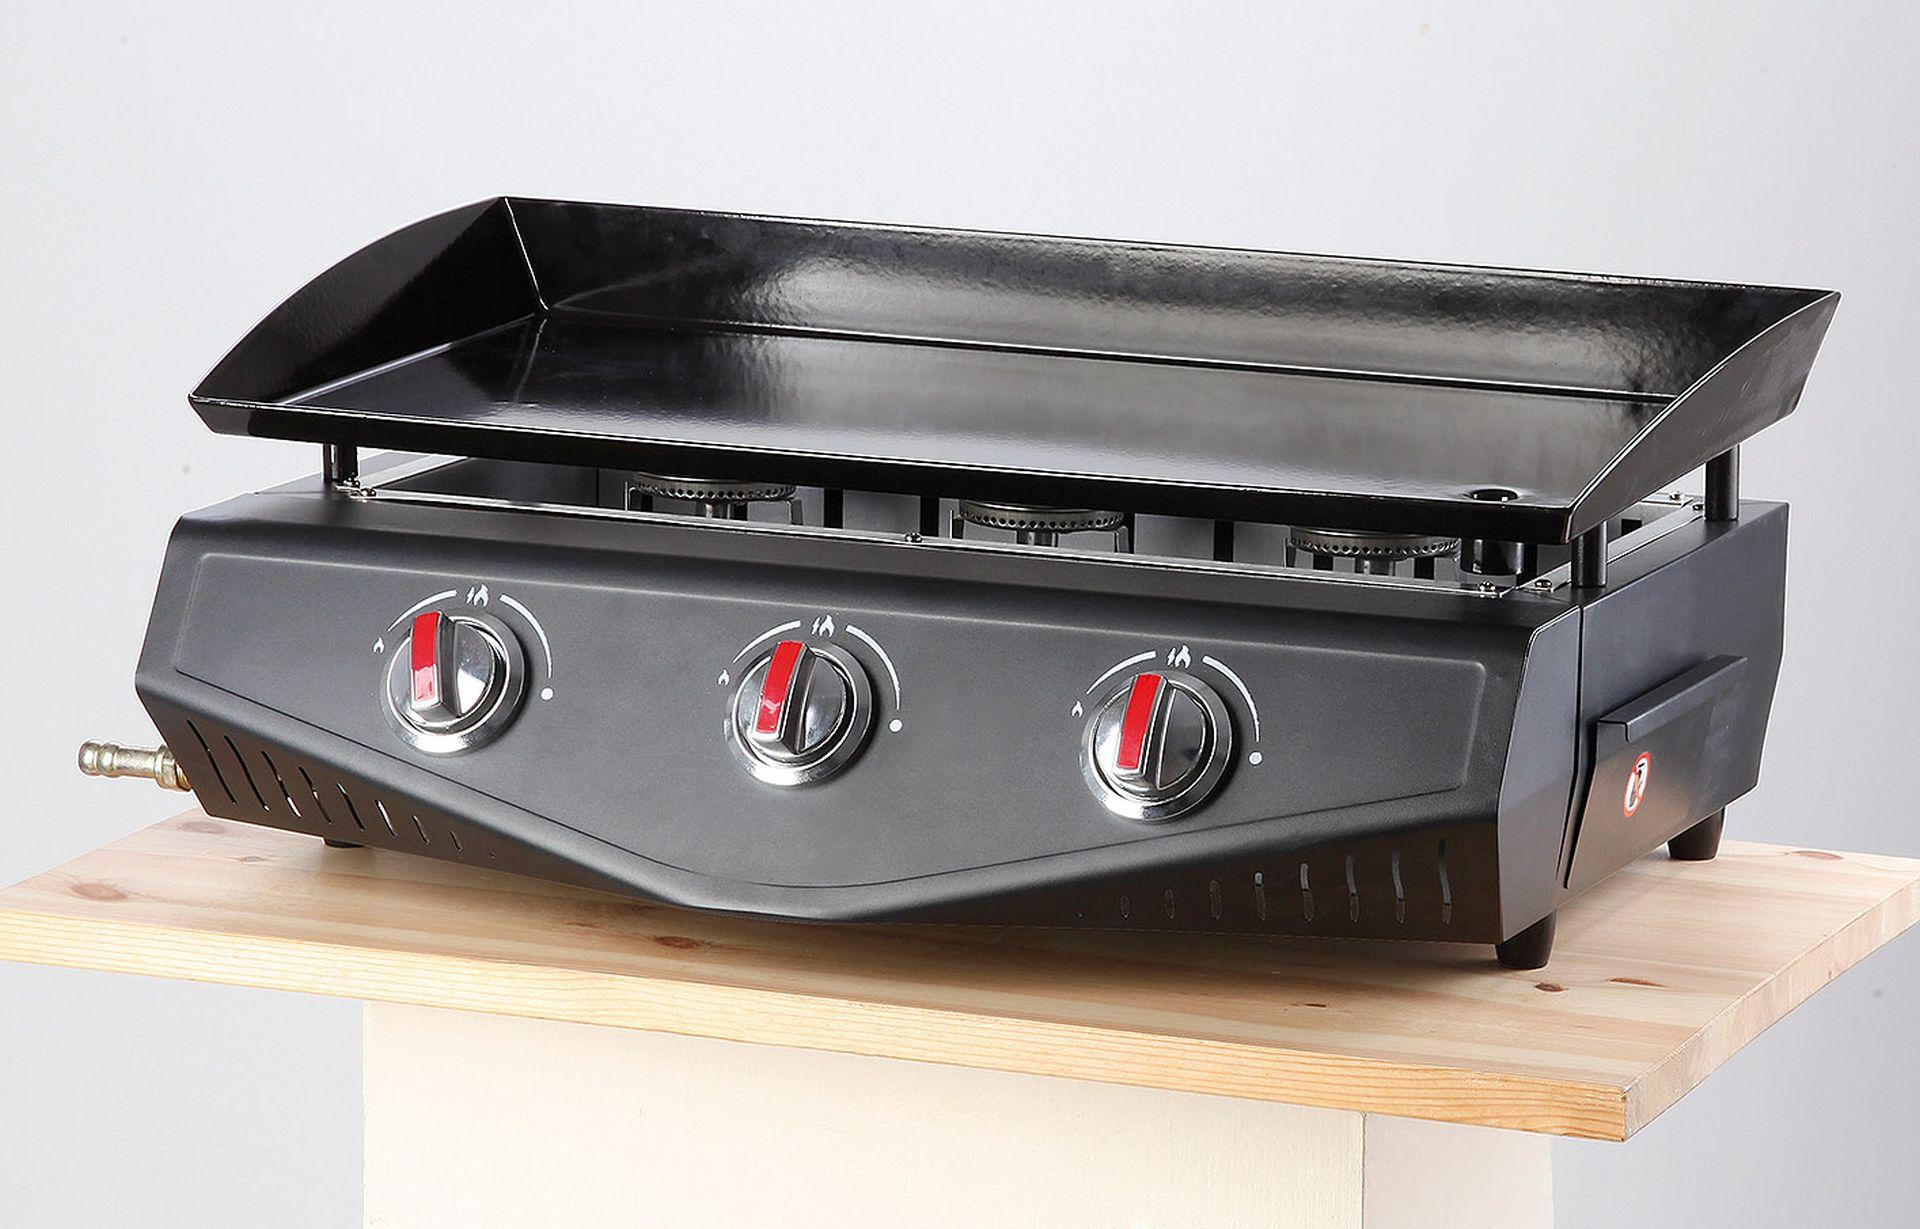 MEVA plynový gril Plancha 7,5 kW, 65x34cm se 3 hořáky UGP19001